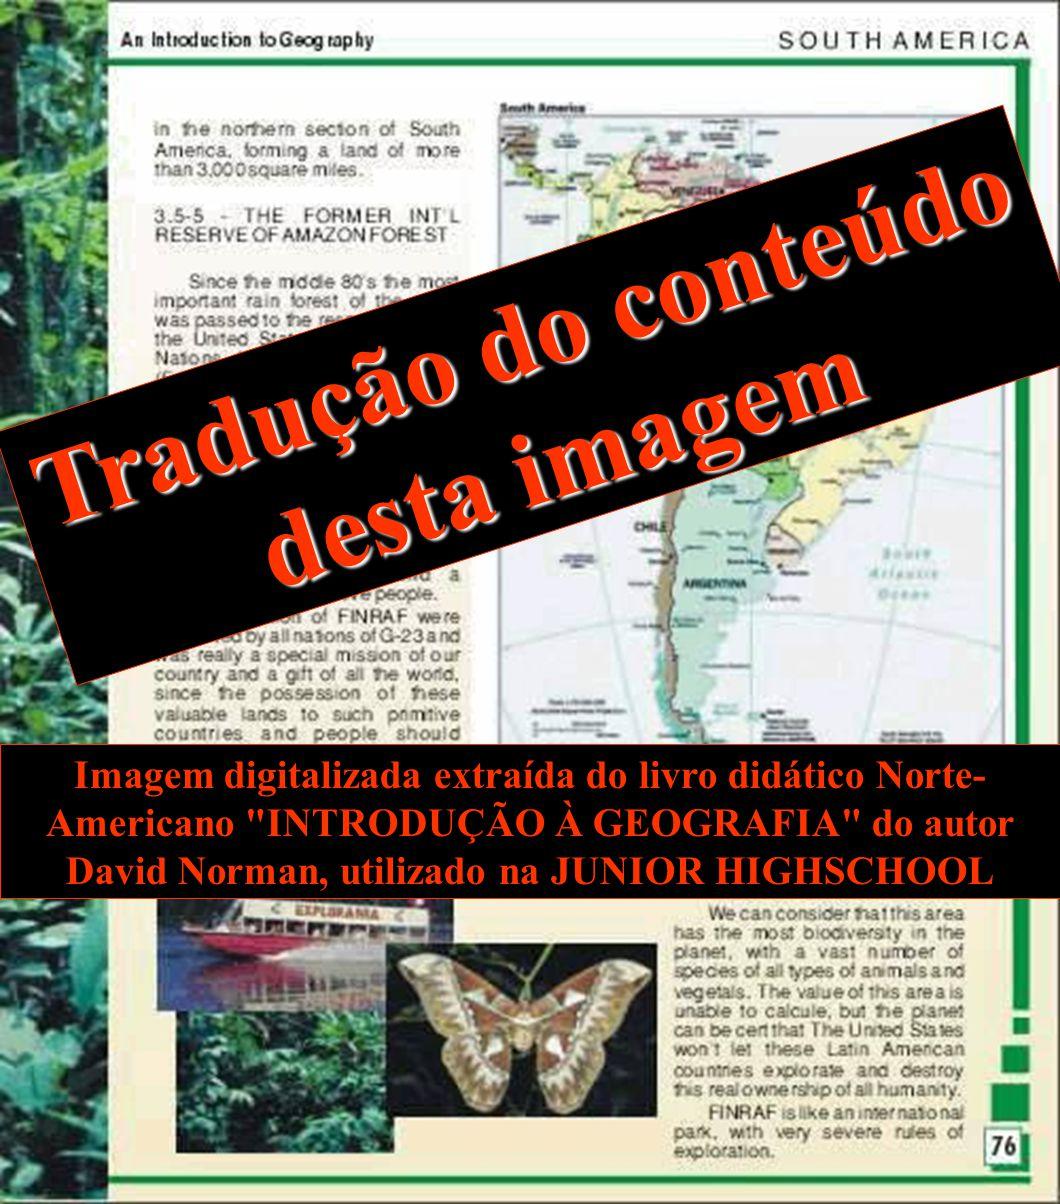 Tradução do conteúdo desta imagem Imagem digitalizada extraída do livro didático Norte- Americano